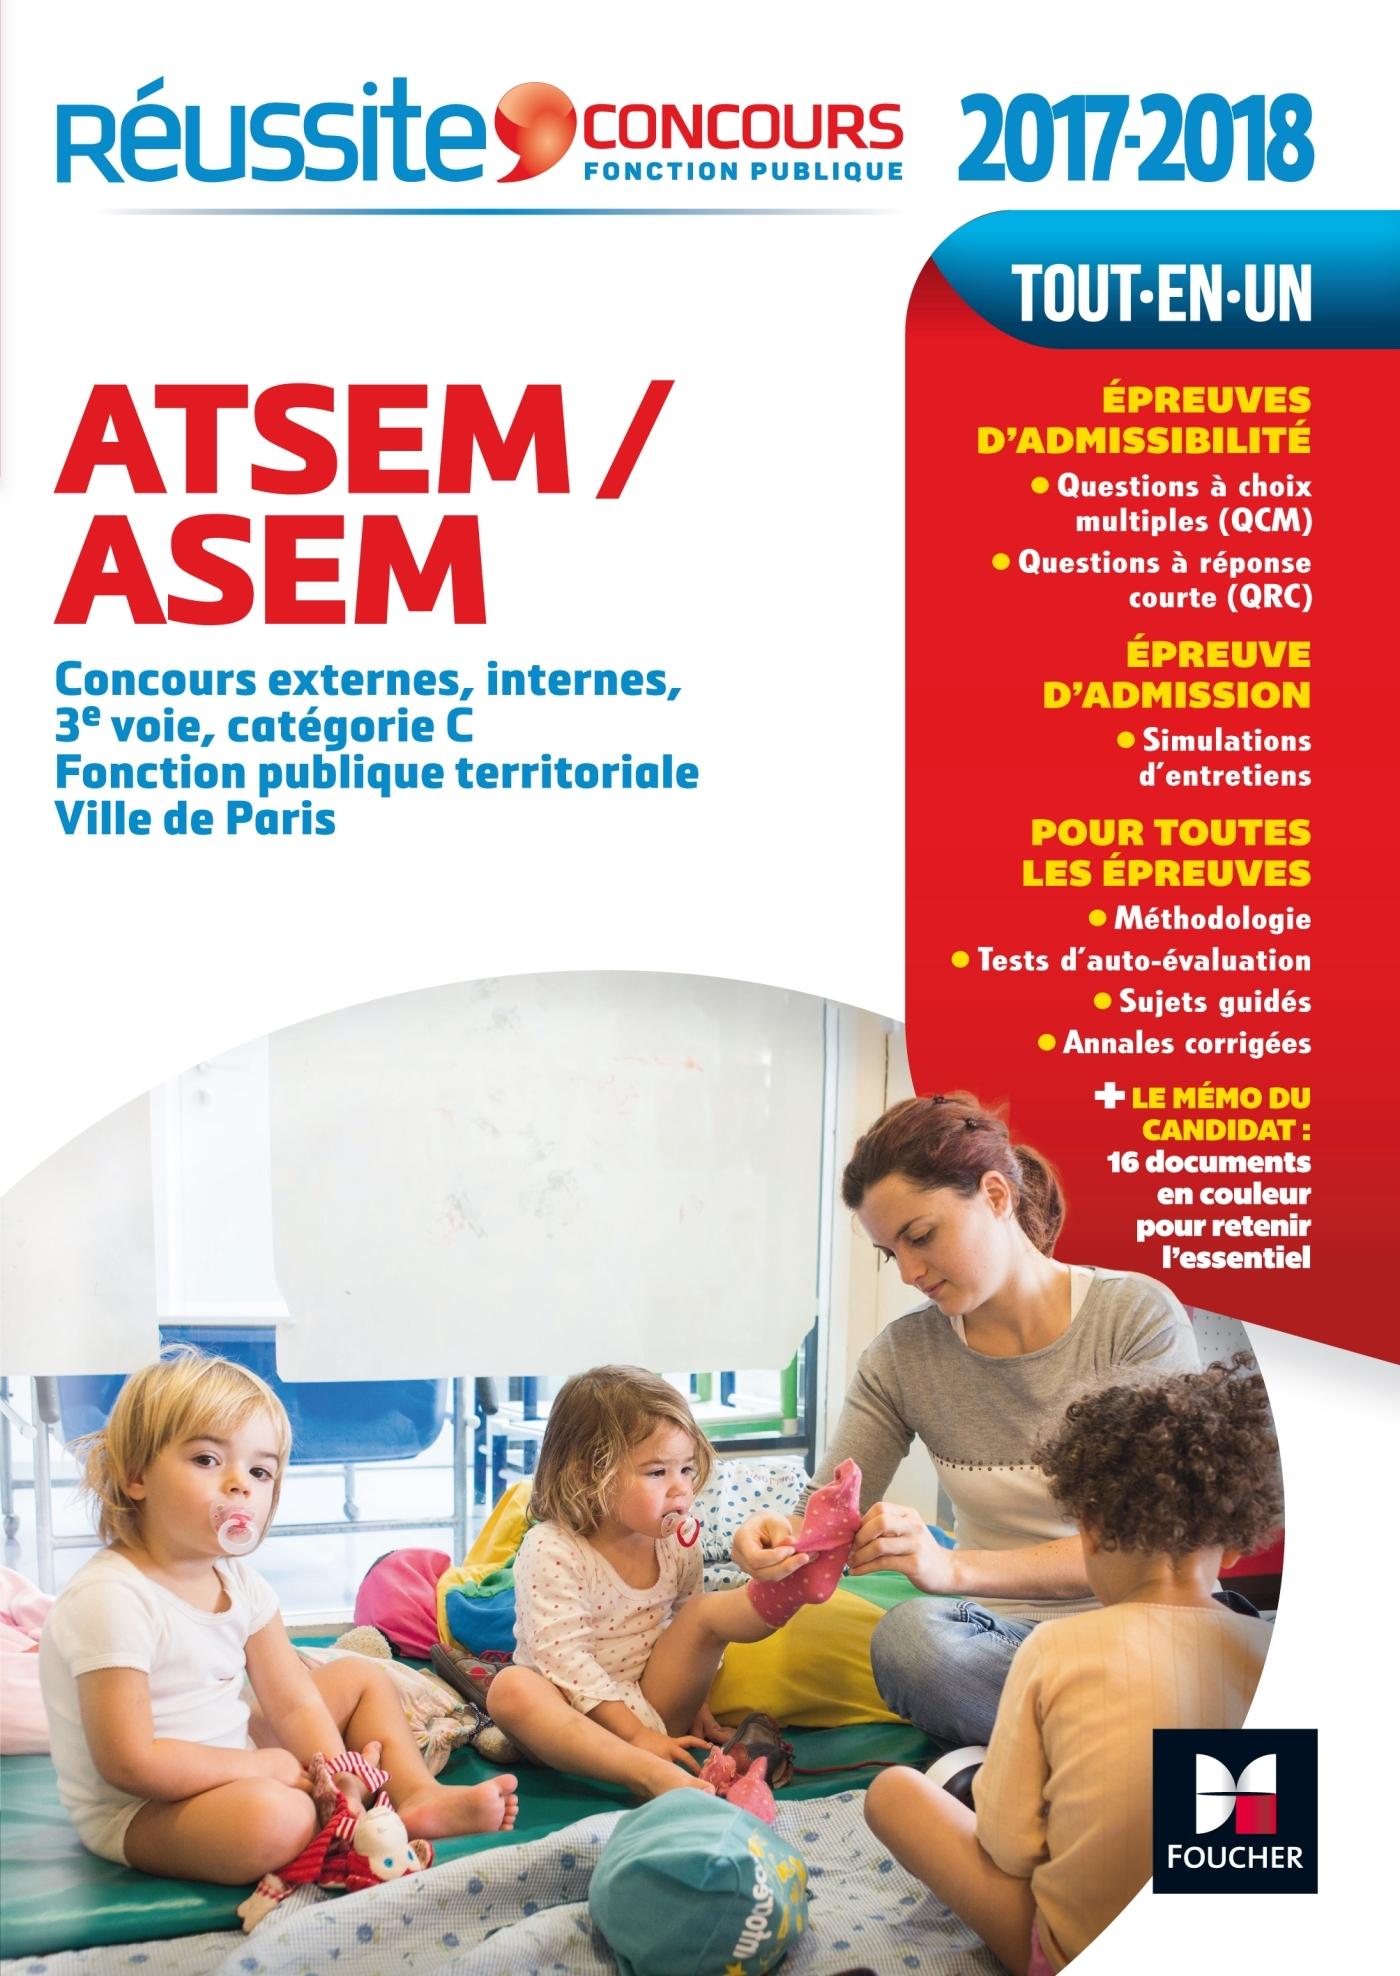 REUSSITE CONCOURS ATSEM/ASEM CONCOURS EXTERNE, INTERNE ET 3E VOIE CONCOURS 2017-2018 N 29